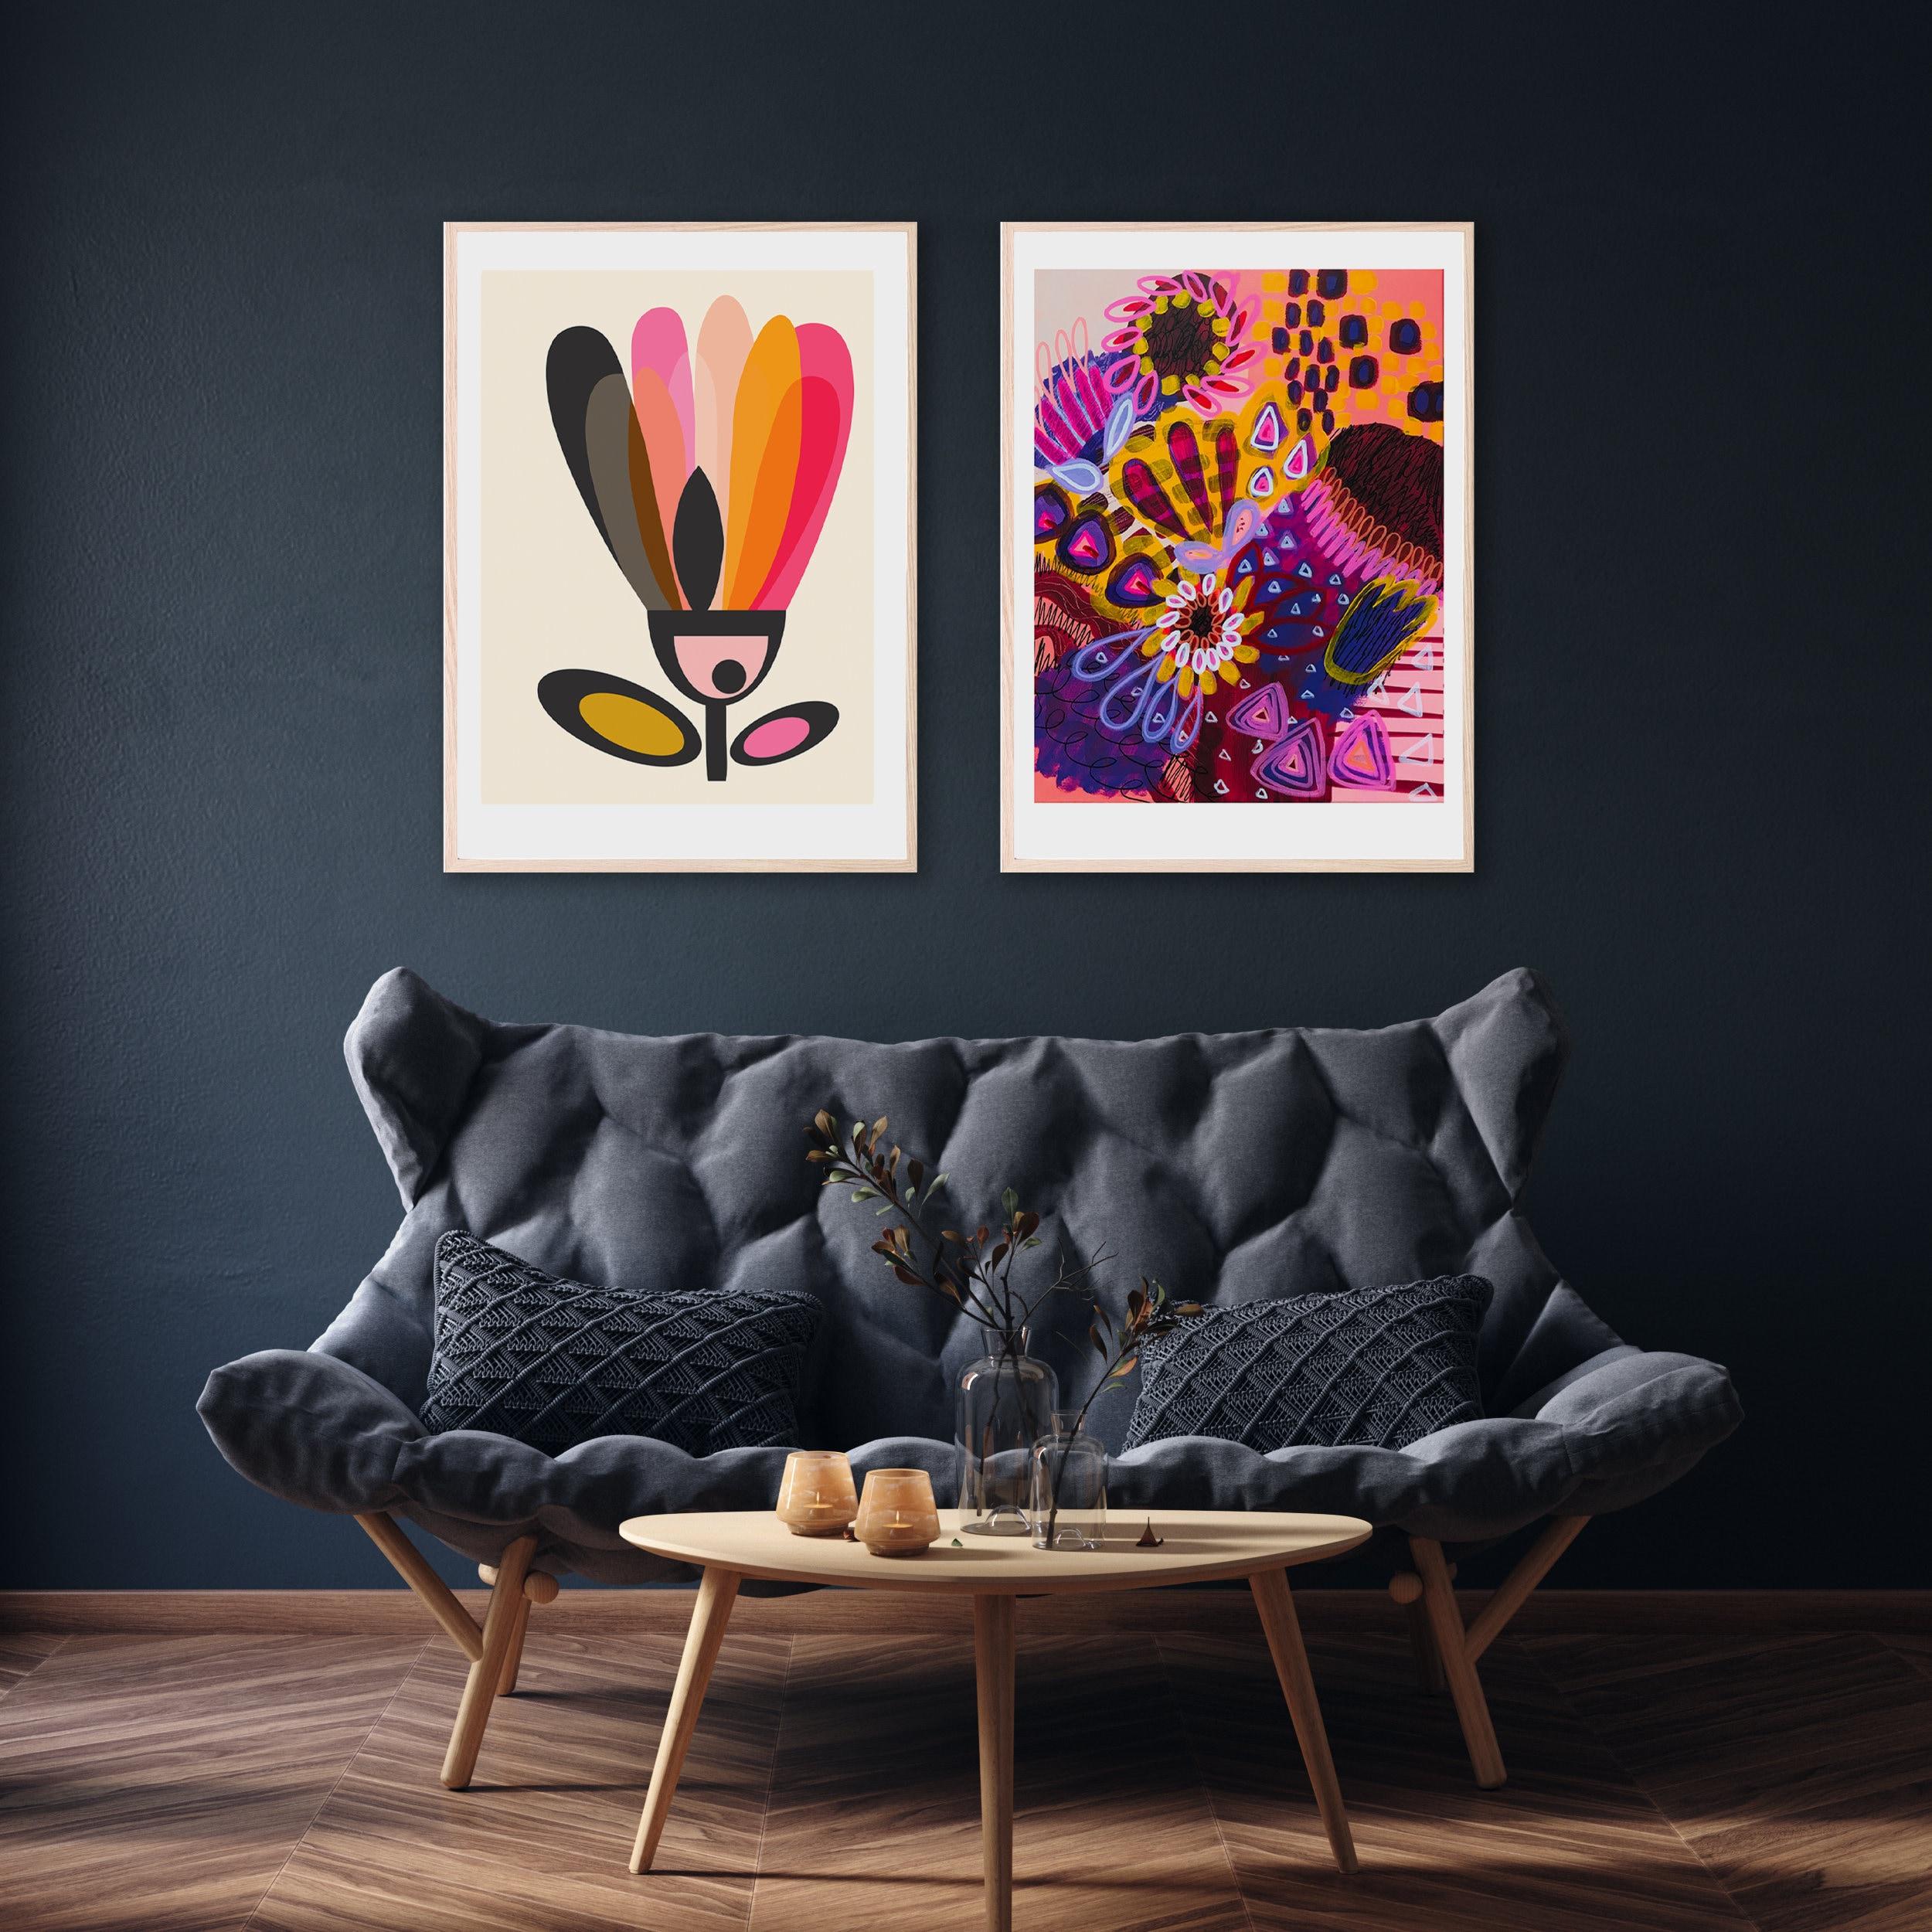 Modern Wall Art Prints, Abstract Art, Mid Century Modern Wall Decor, Giclee  Prints, Original Art, Gallery Wall Art Set, Kirsten Katz